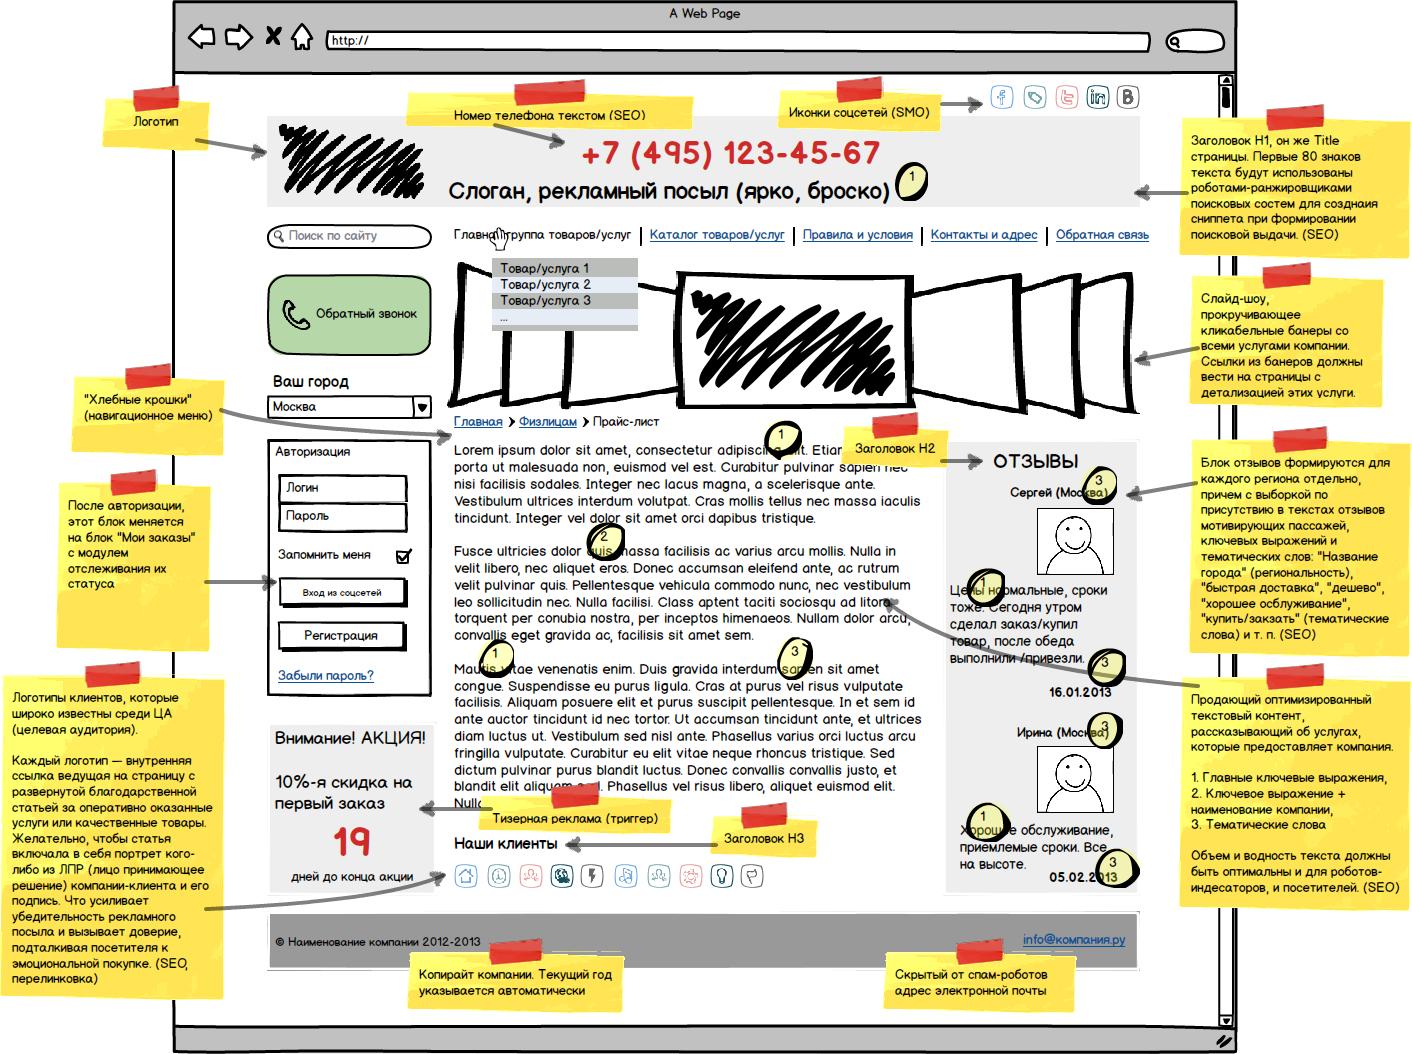 Техзадание на создание сайта: блок-схема структуры главной страницы сайта